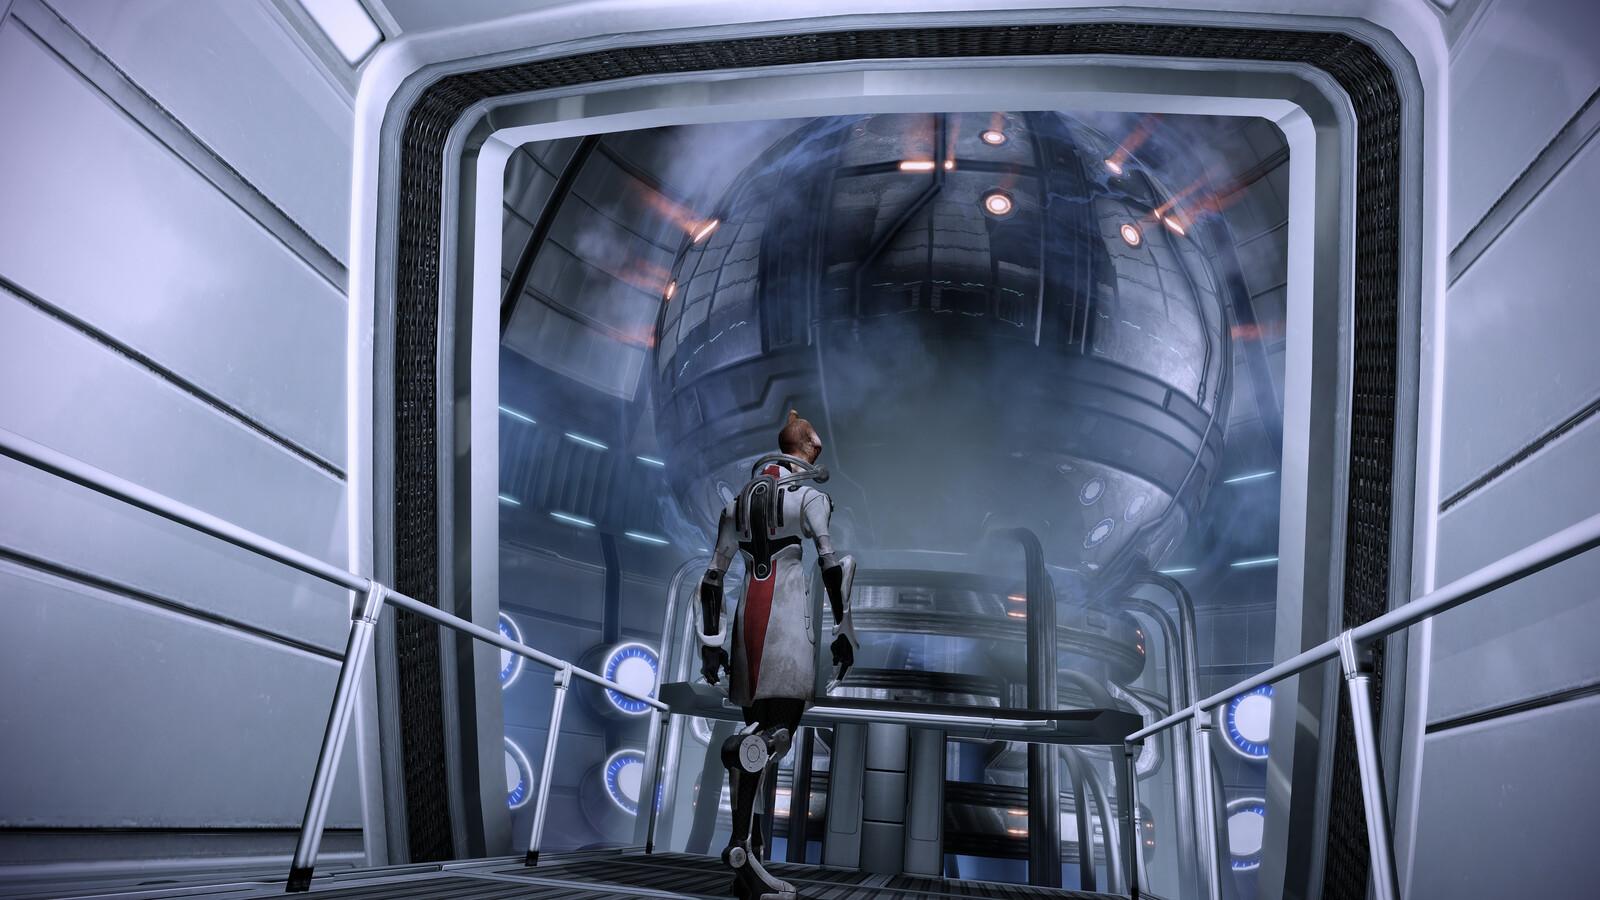 Mass Effect 2 (BioWare)